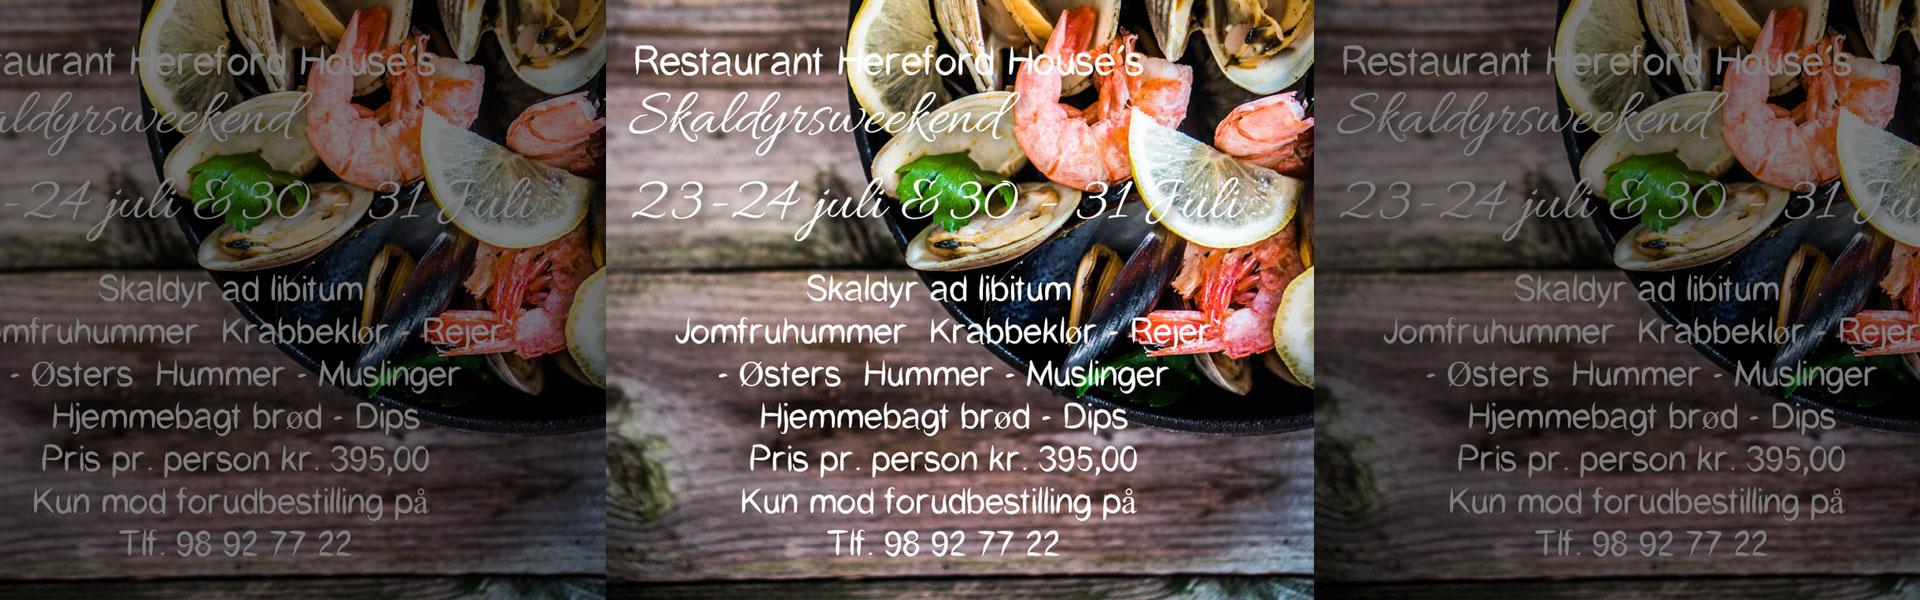 skaldyrsweekend-restaurant-hereford-house-hjoerring